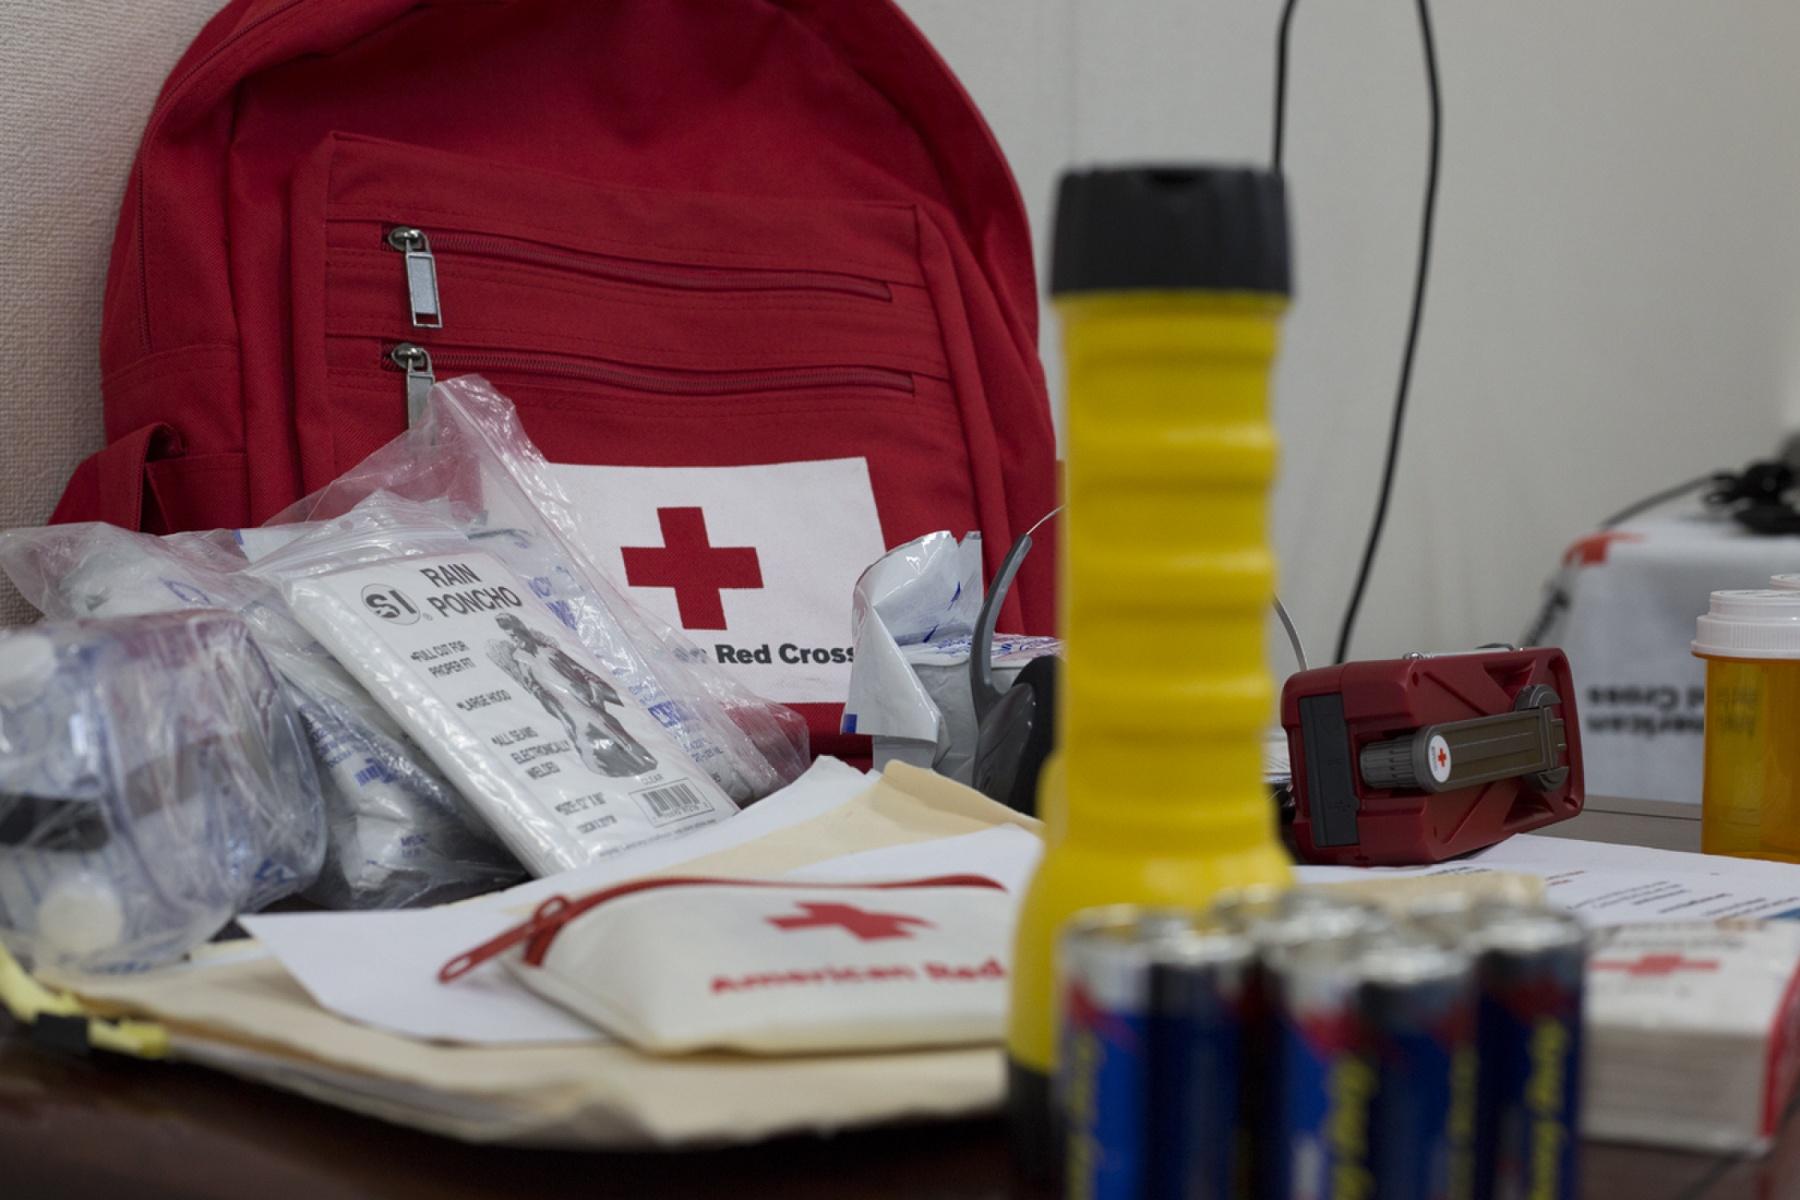 Red Cross Heroes: World War II veteran still serving at 98